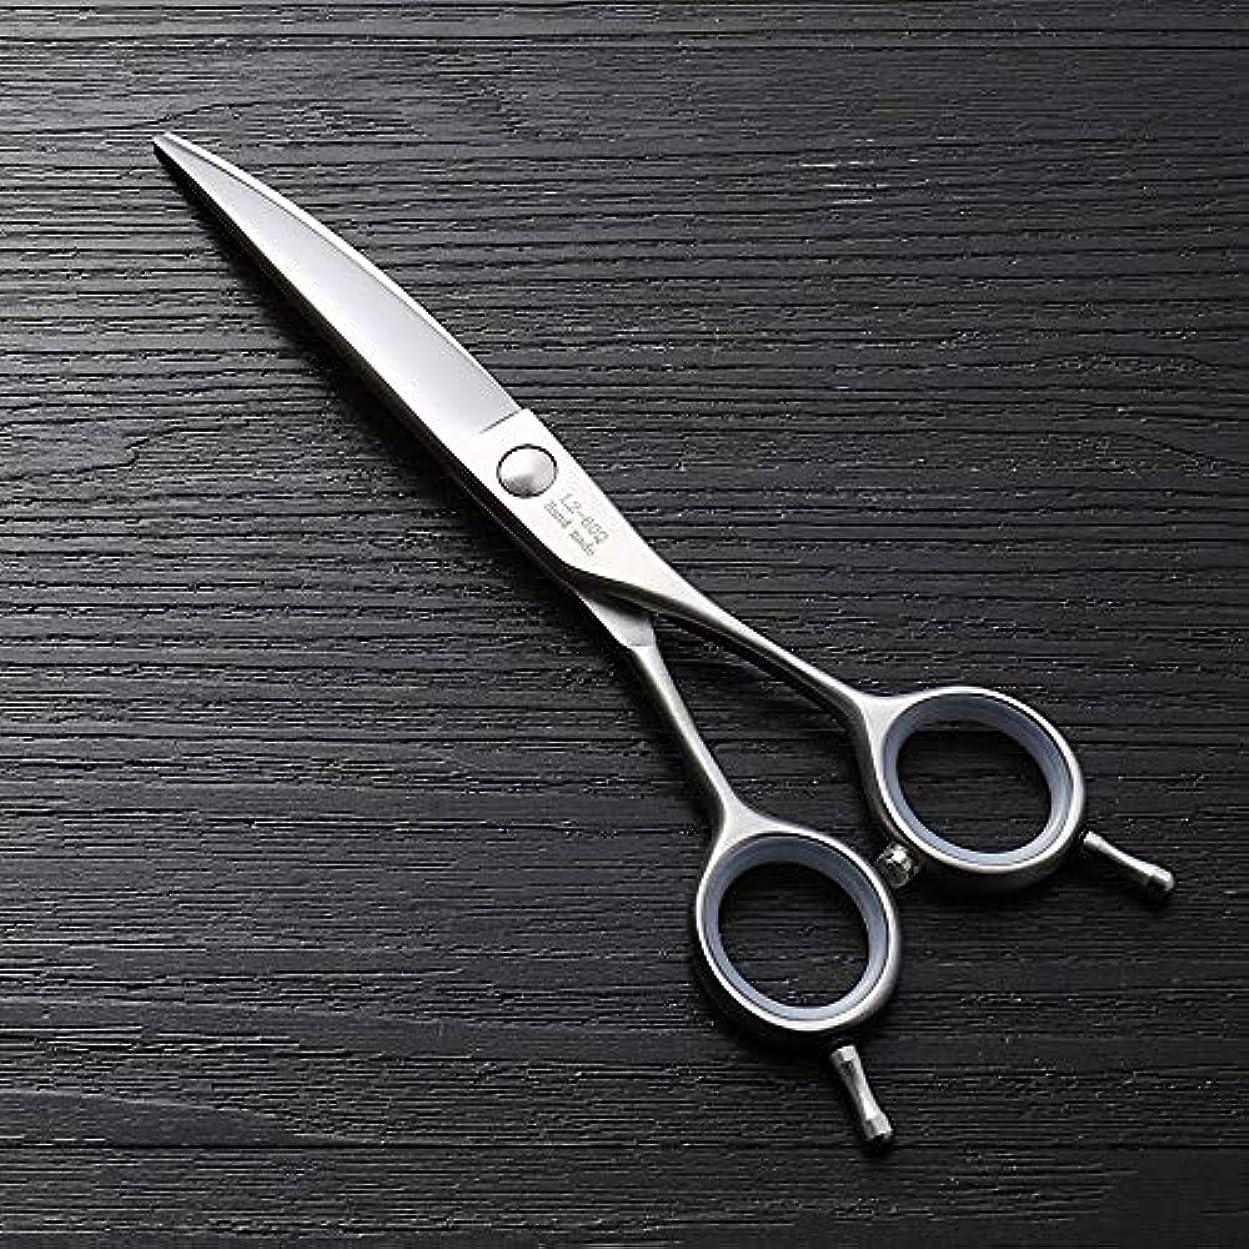 フルーツ心臓減少6インチワープカットフラット理髪ツール、トレンド新しいヘアカットはさみ モデリングツール (色 : Silver)